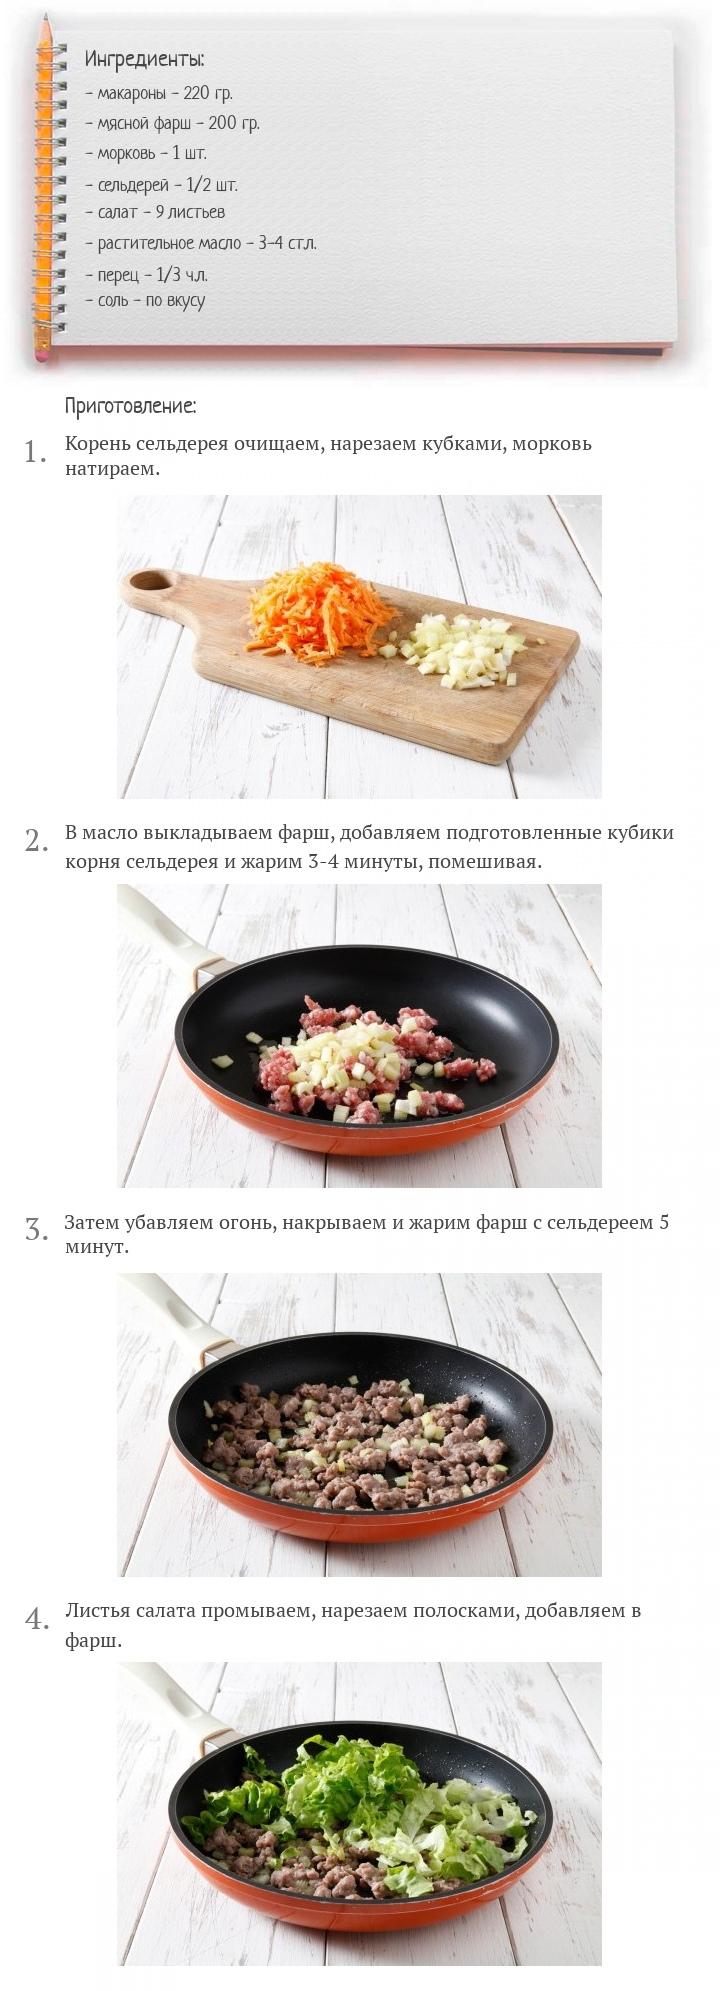 Макароны с фаршем и овощами, изображение №2